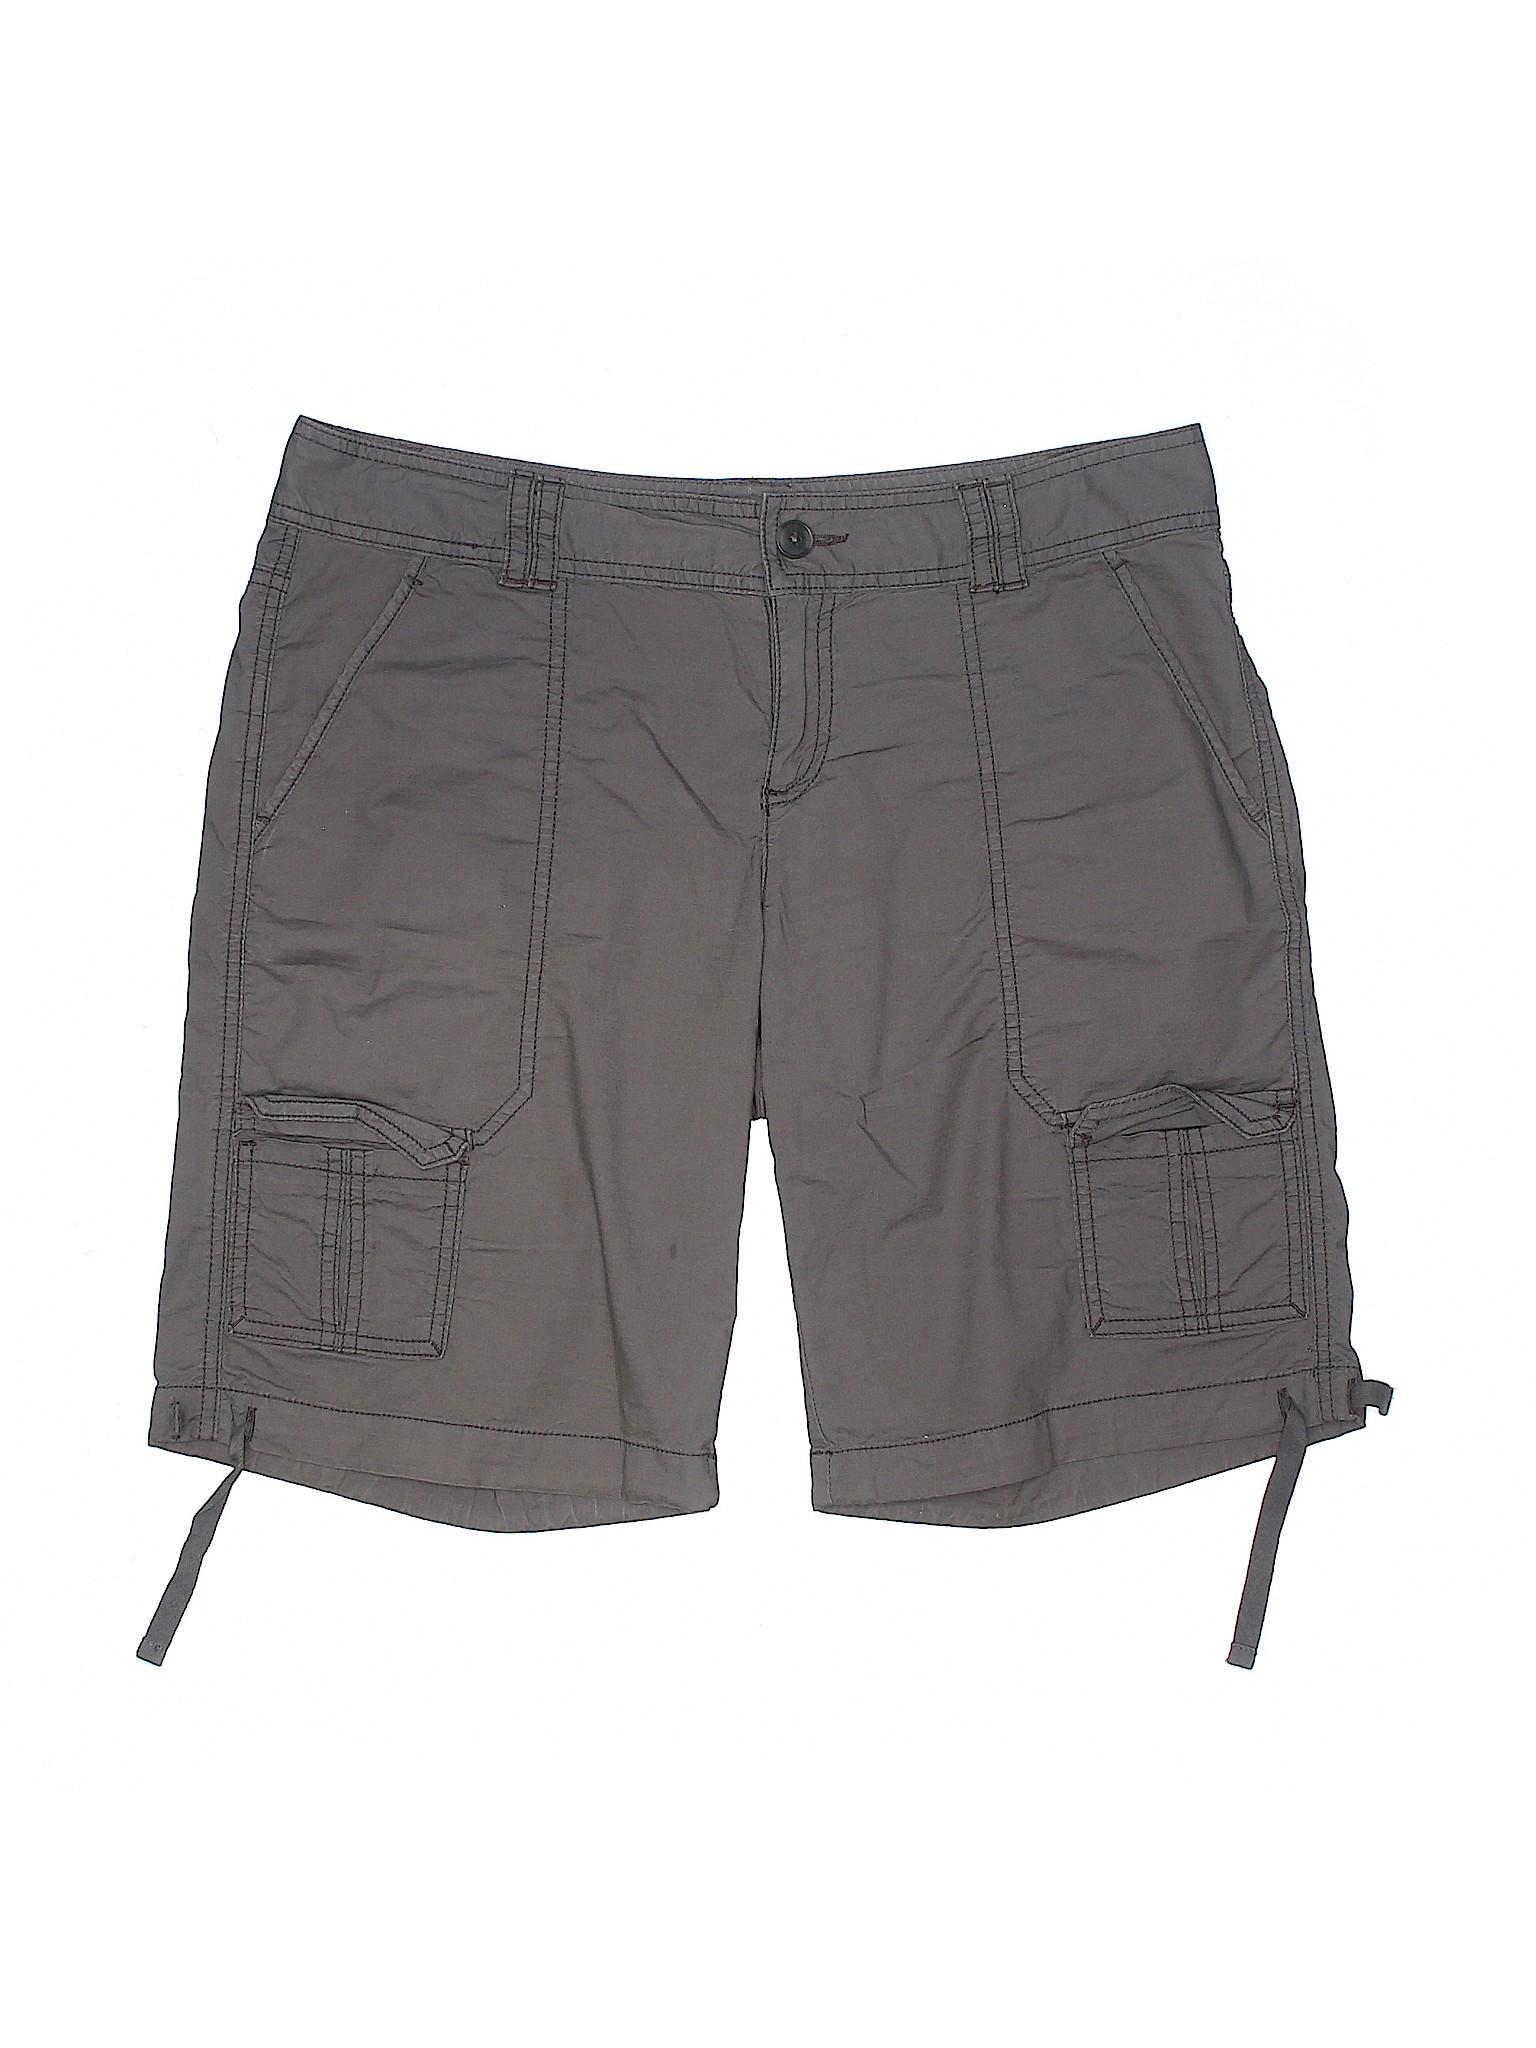 Taylor Shorts LOFT Boutique Cargo Ann 5qF0XwxS